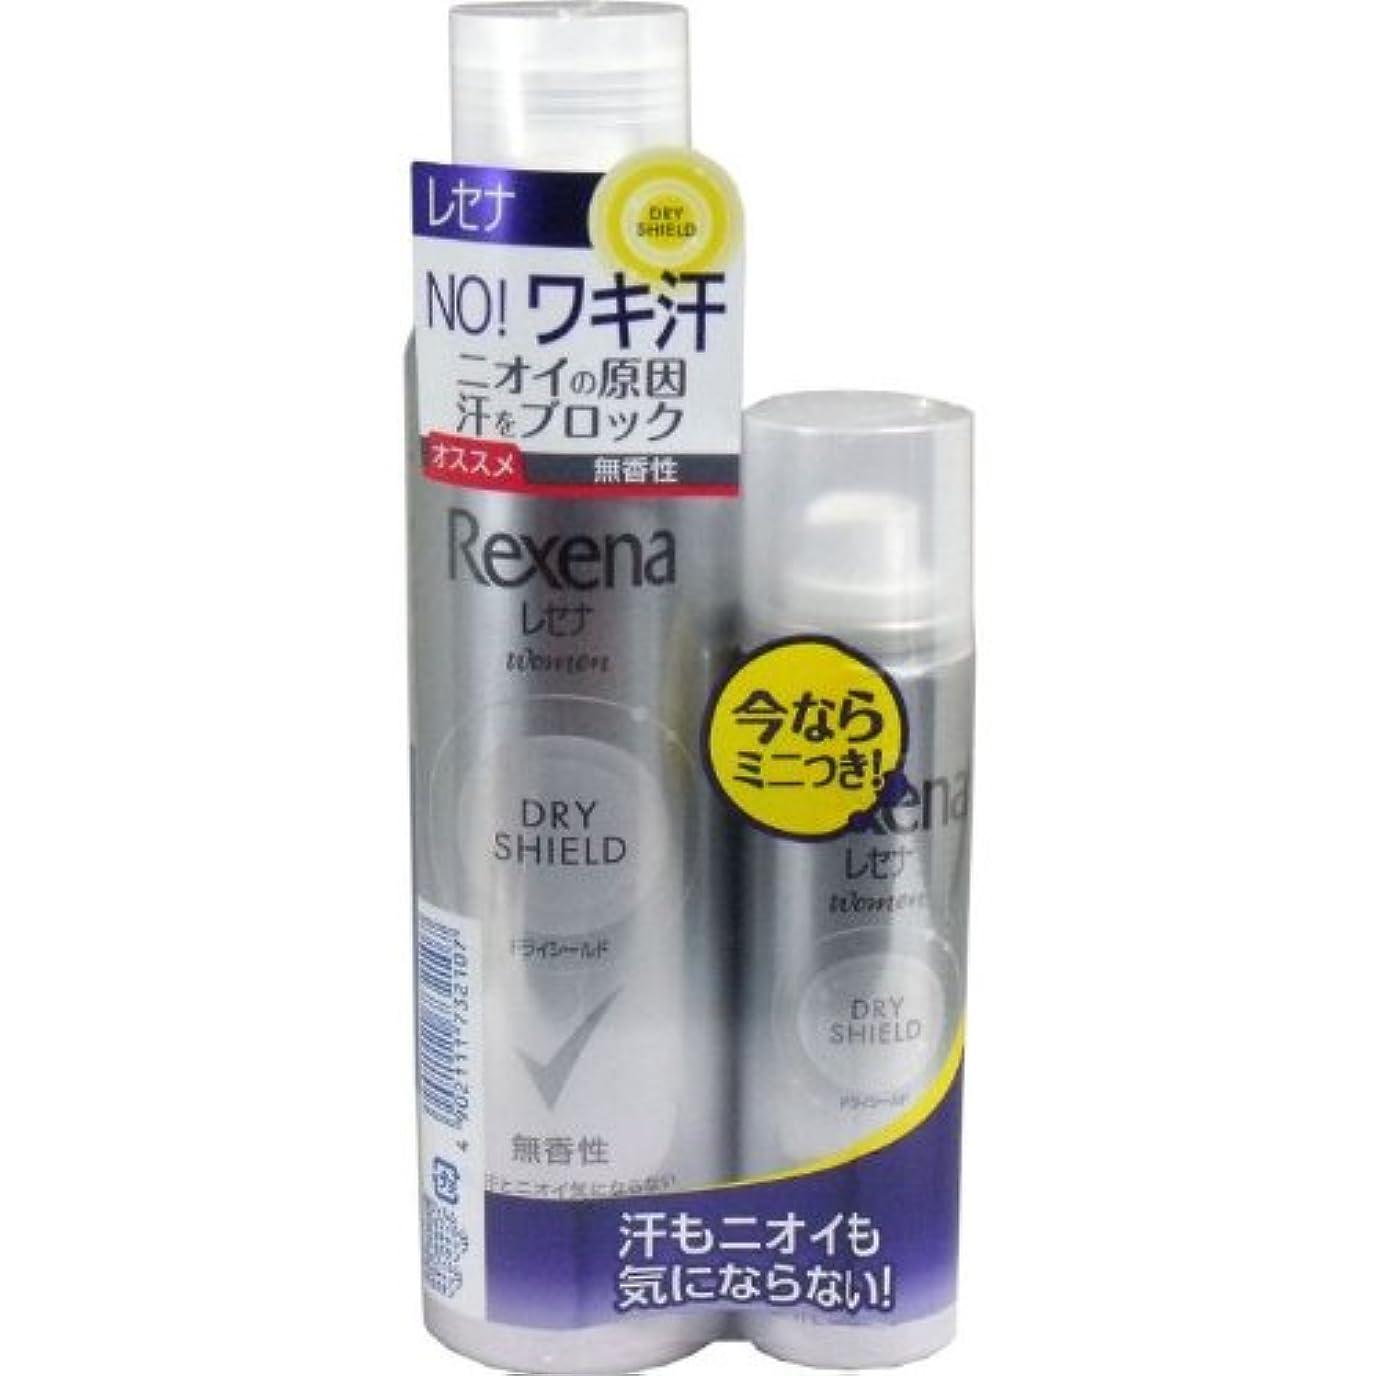 レセナ ドライシールドパウダースプレー 無香性 135g+(おまけ45g付き) <<5点セット>>